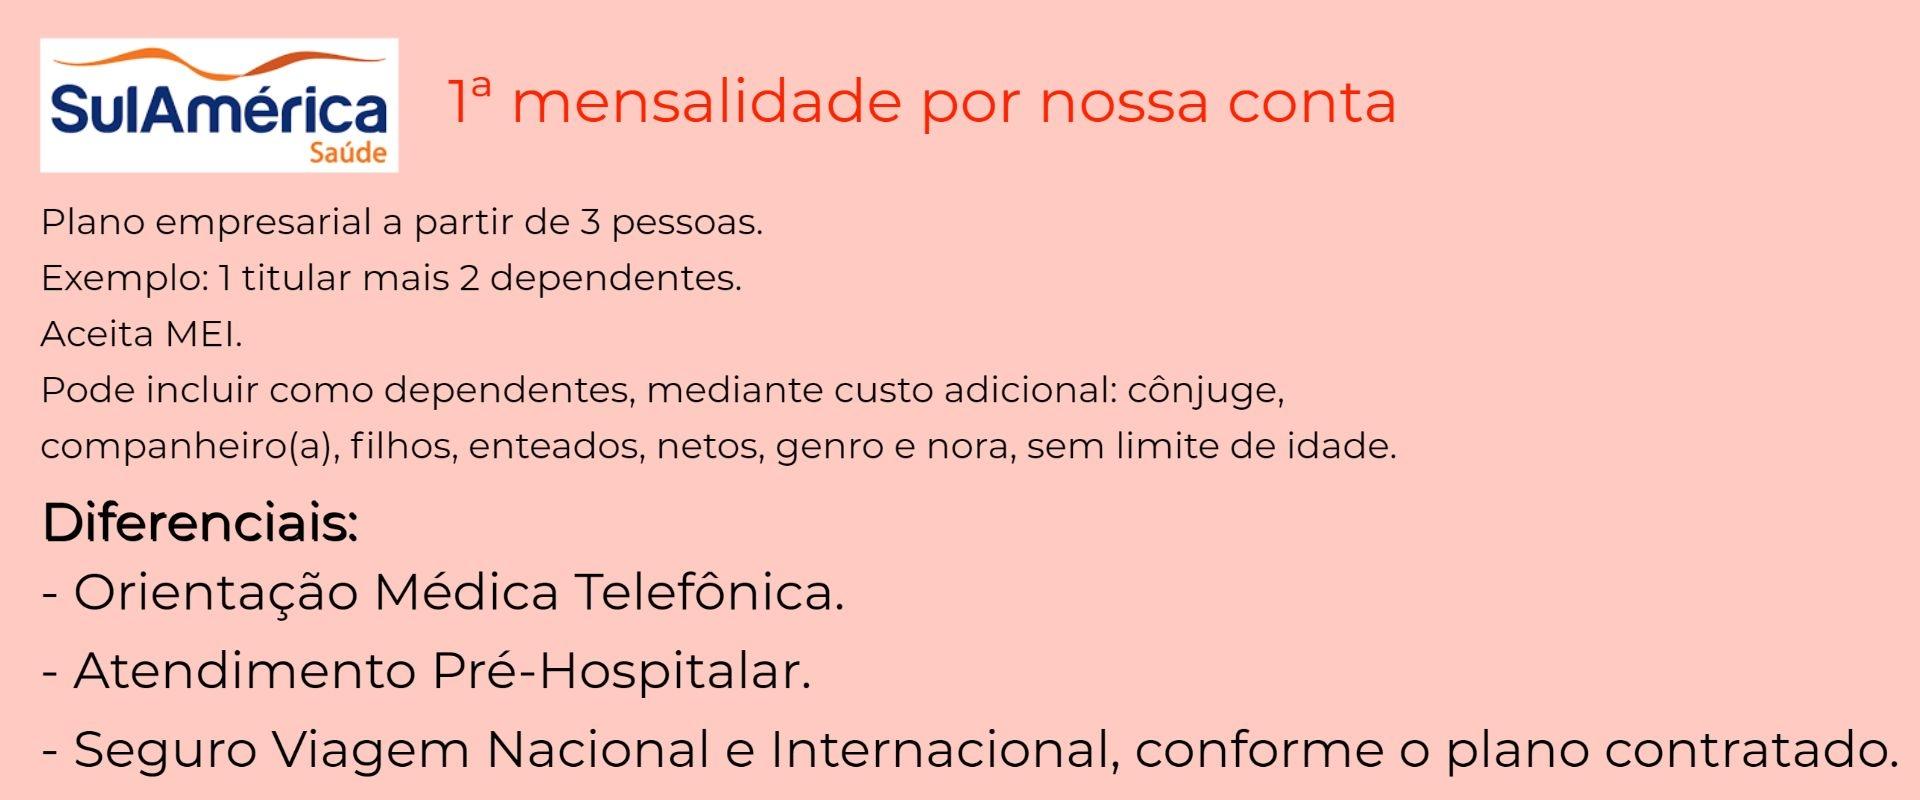 Sul América Saúde Empresarial - Pouso Alegre